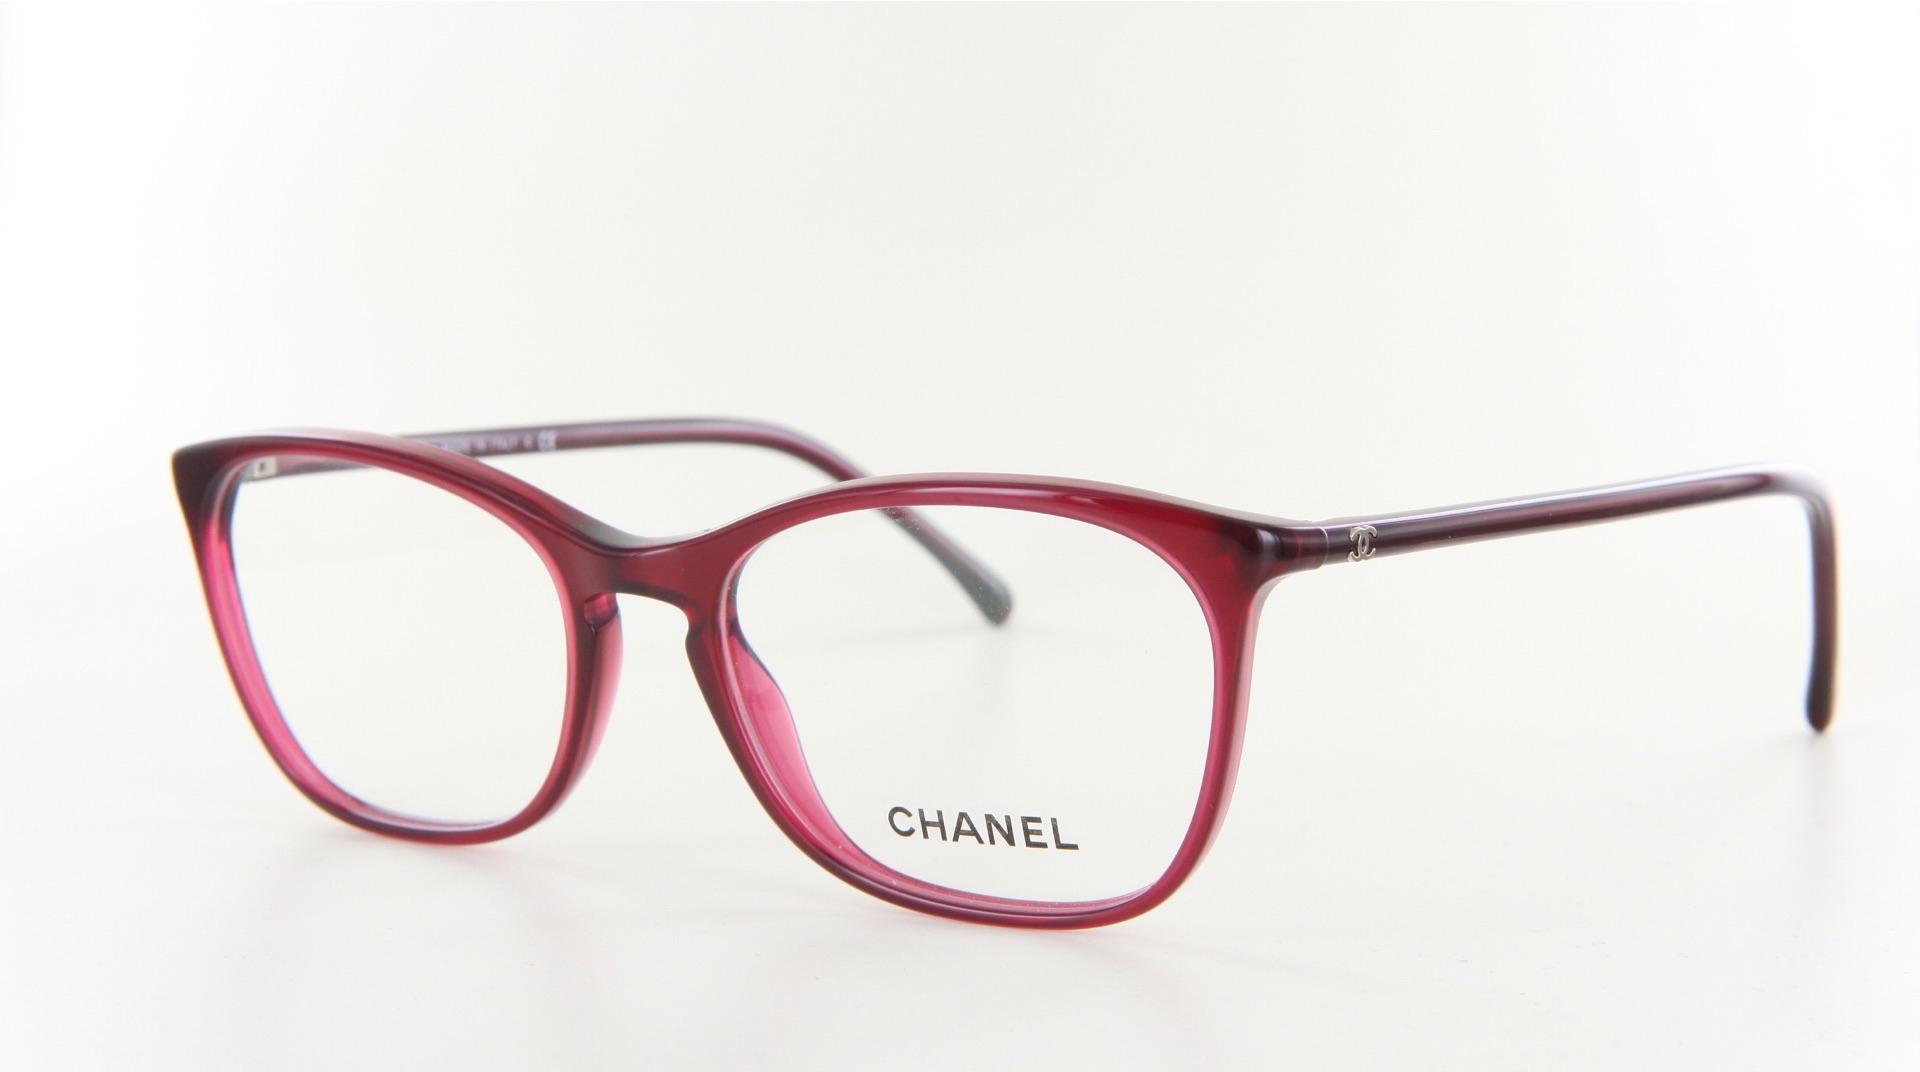 Chanel - ref: 69933